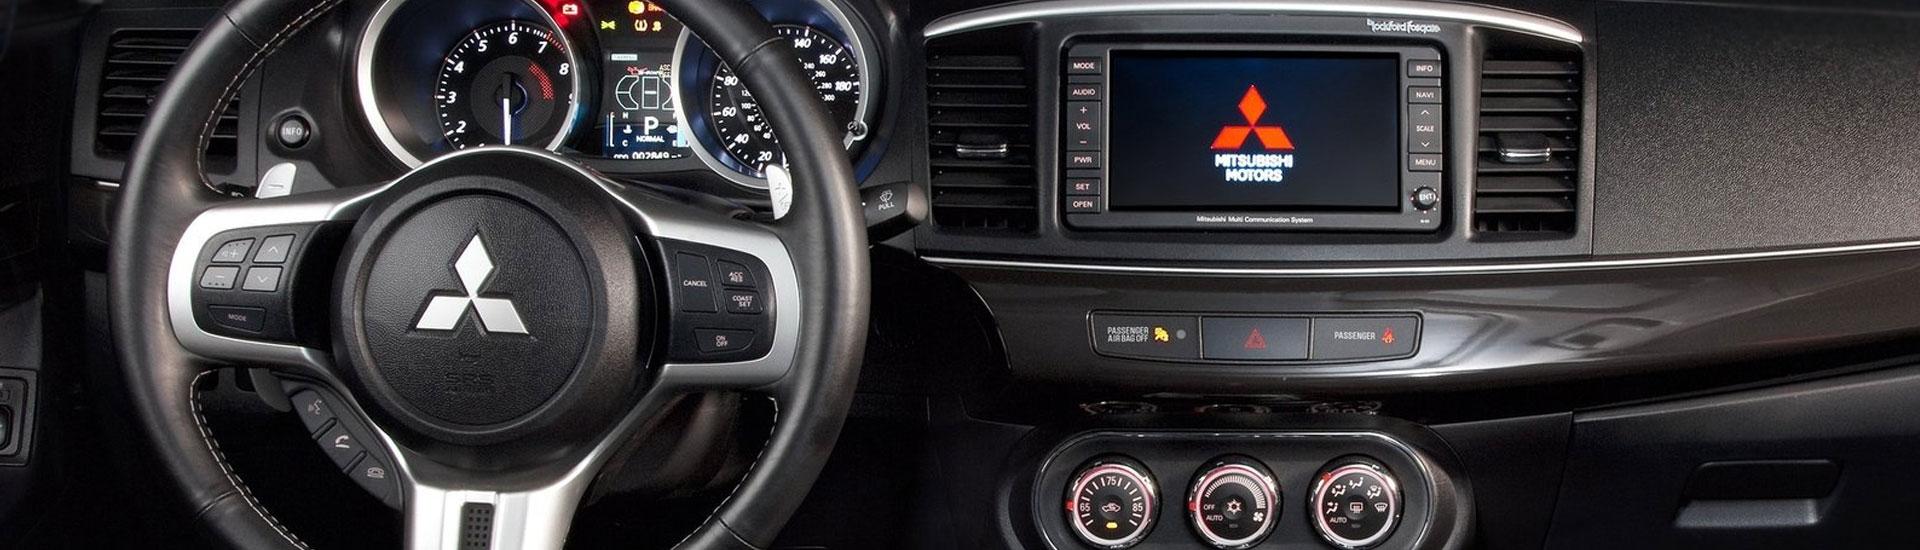 Mitsubishi Lancer Dash Kits Custom Mitsubishi Lancer